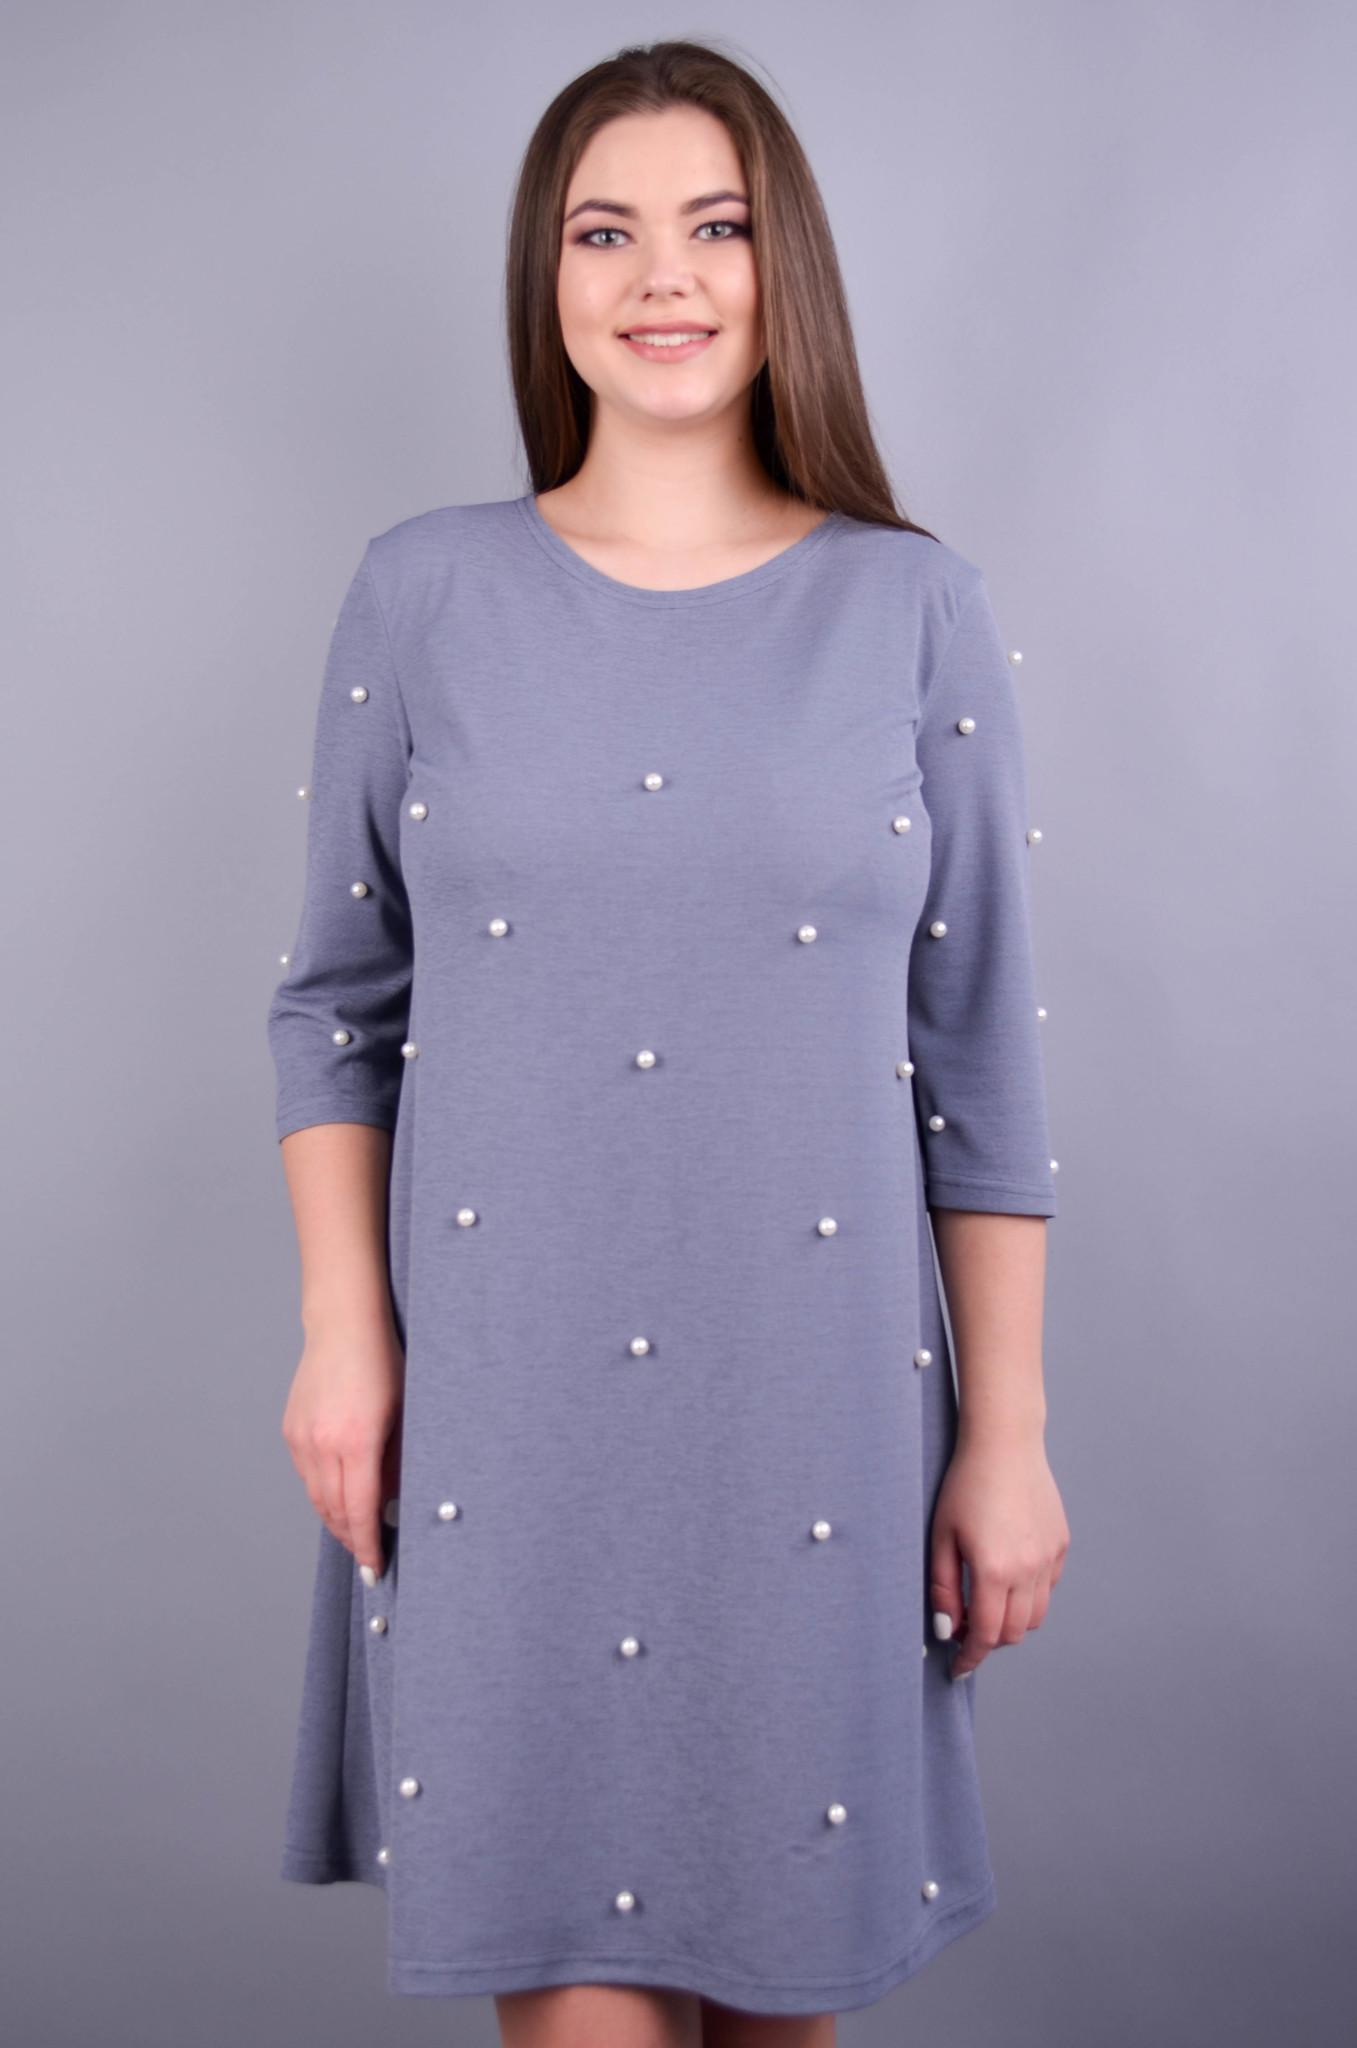 Жемчуг. Стильна сукня плюс сайз для жінок. Сірий.